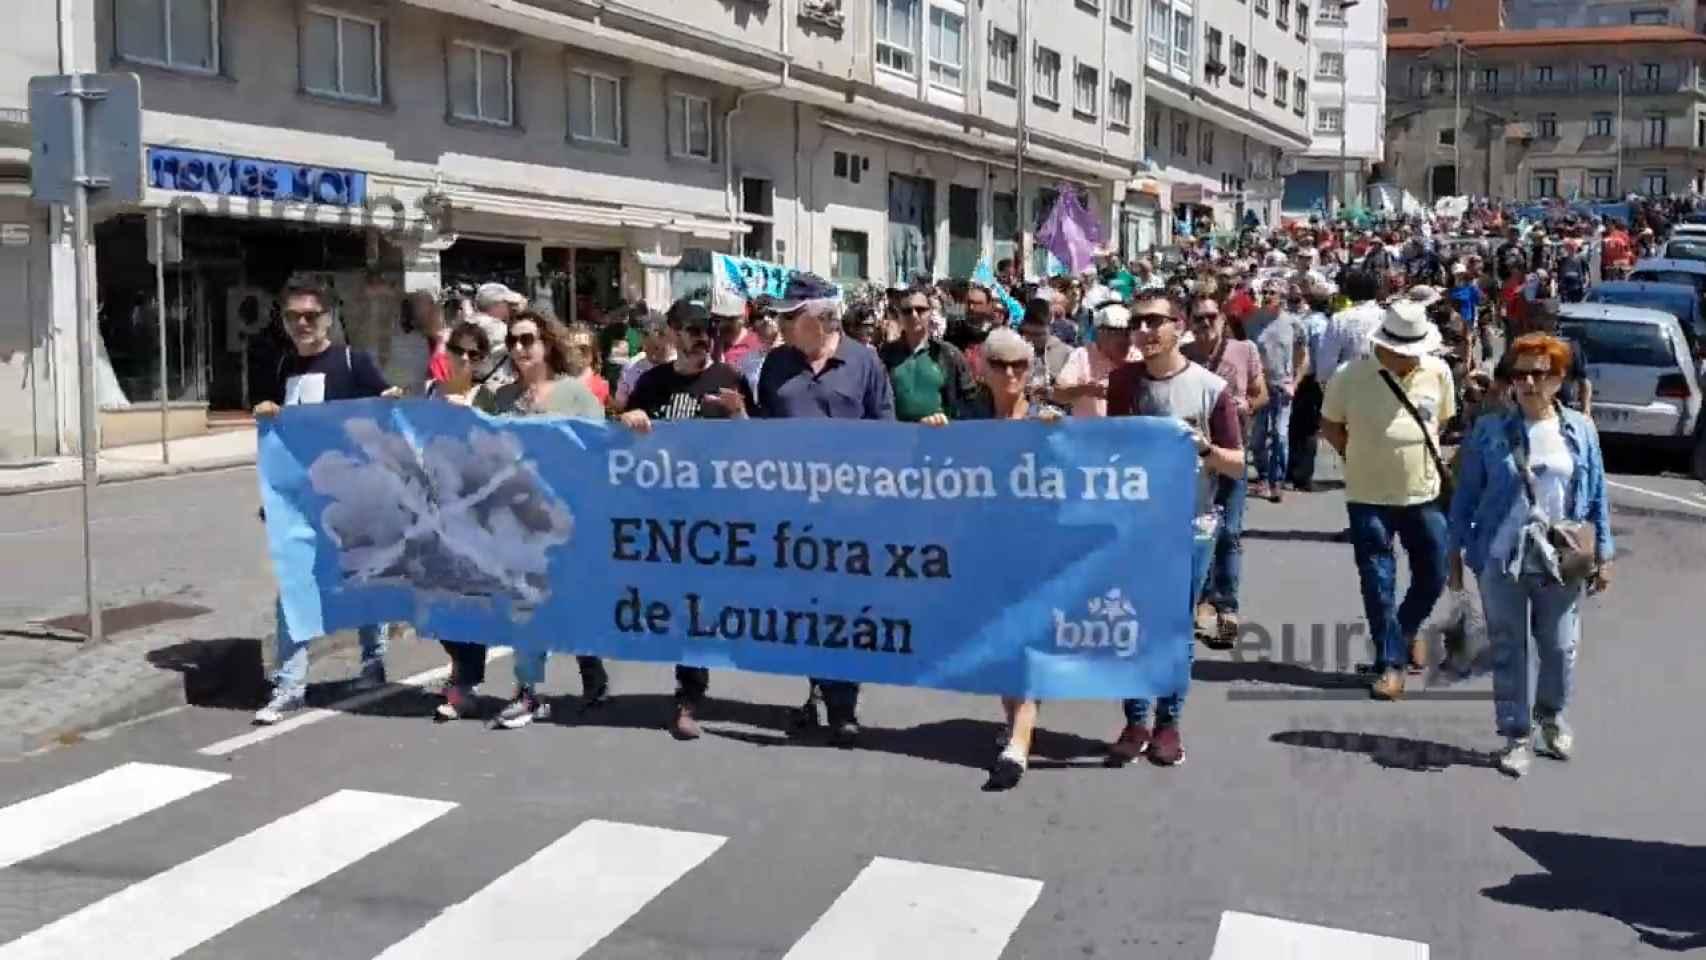 Marcha en Pontevedra y Marín para exigir que Ence abandone la ría.